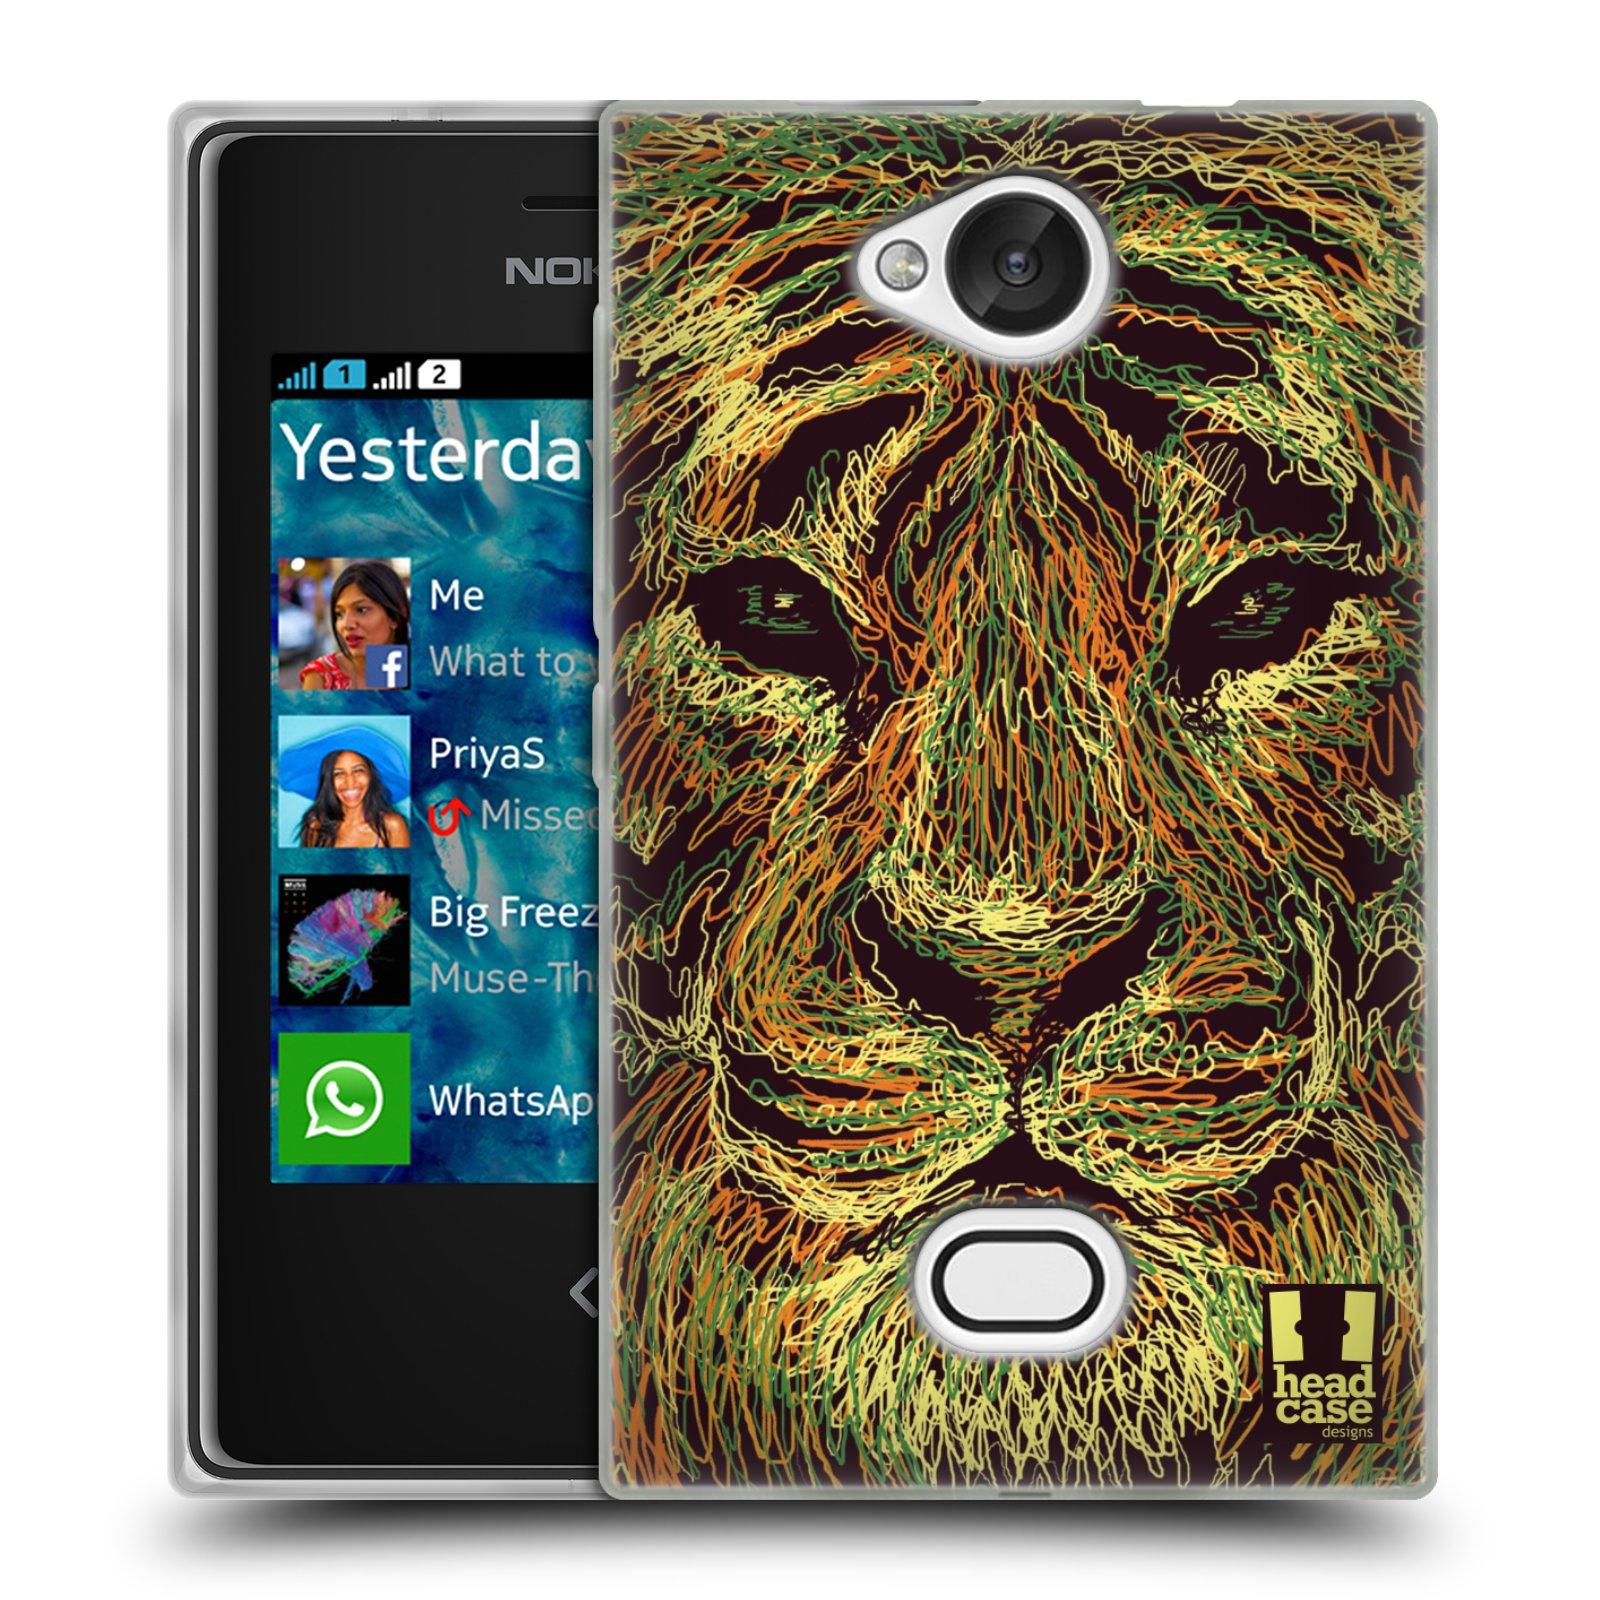 HEAD CASE silikonový obal na mobil NOKIA Asha 503 vzor zvíře čmáranice tygr